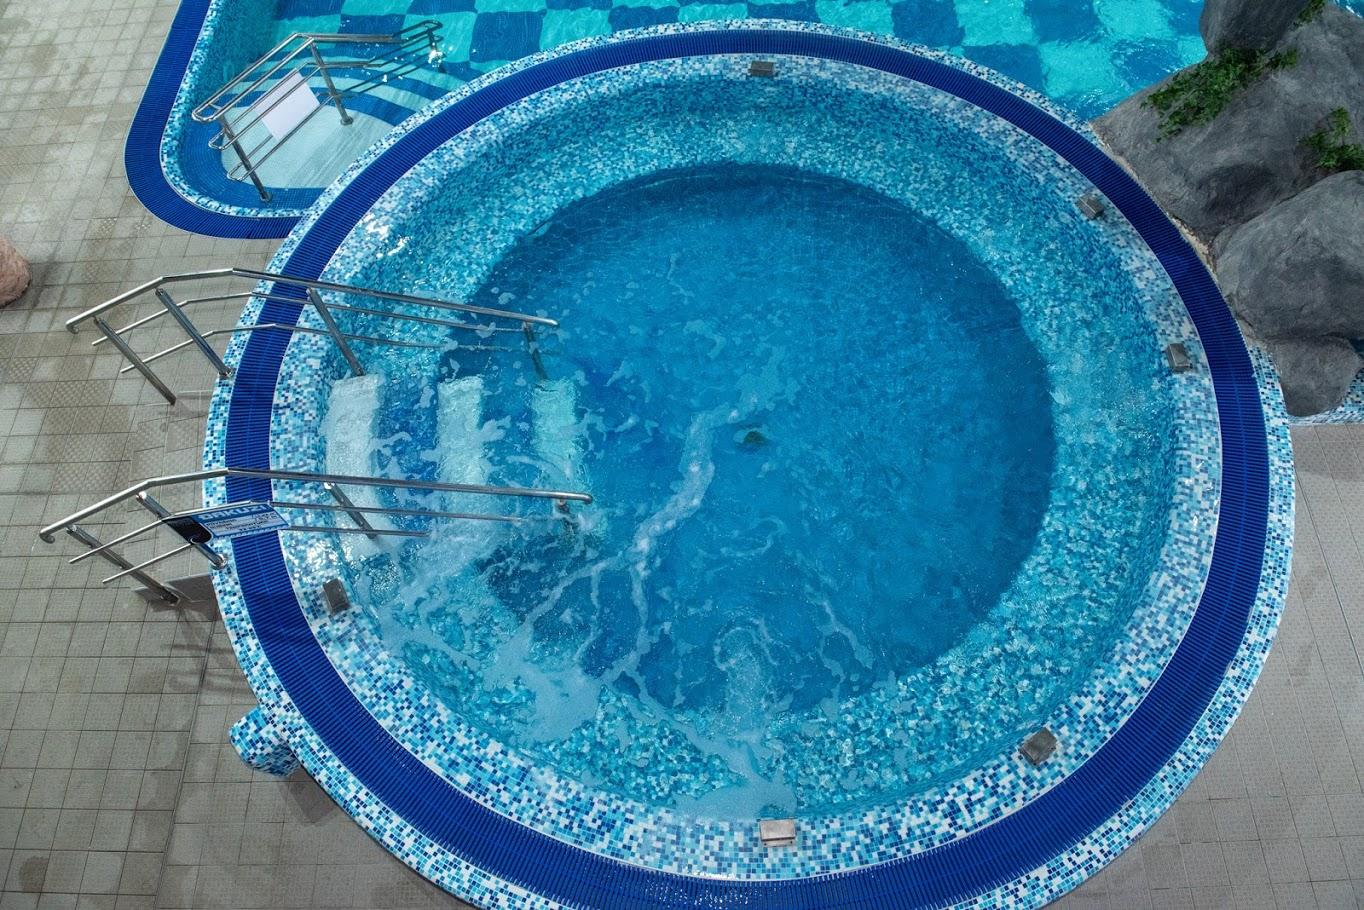 Djakuzi bazen